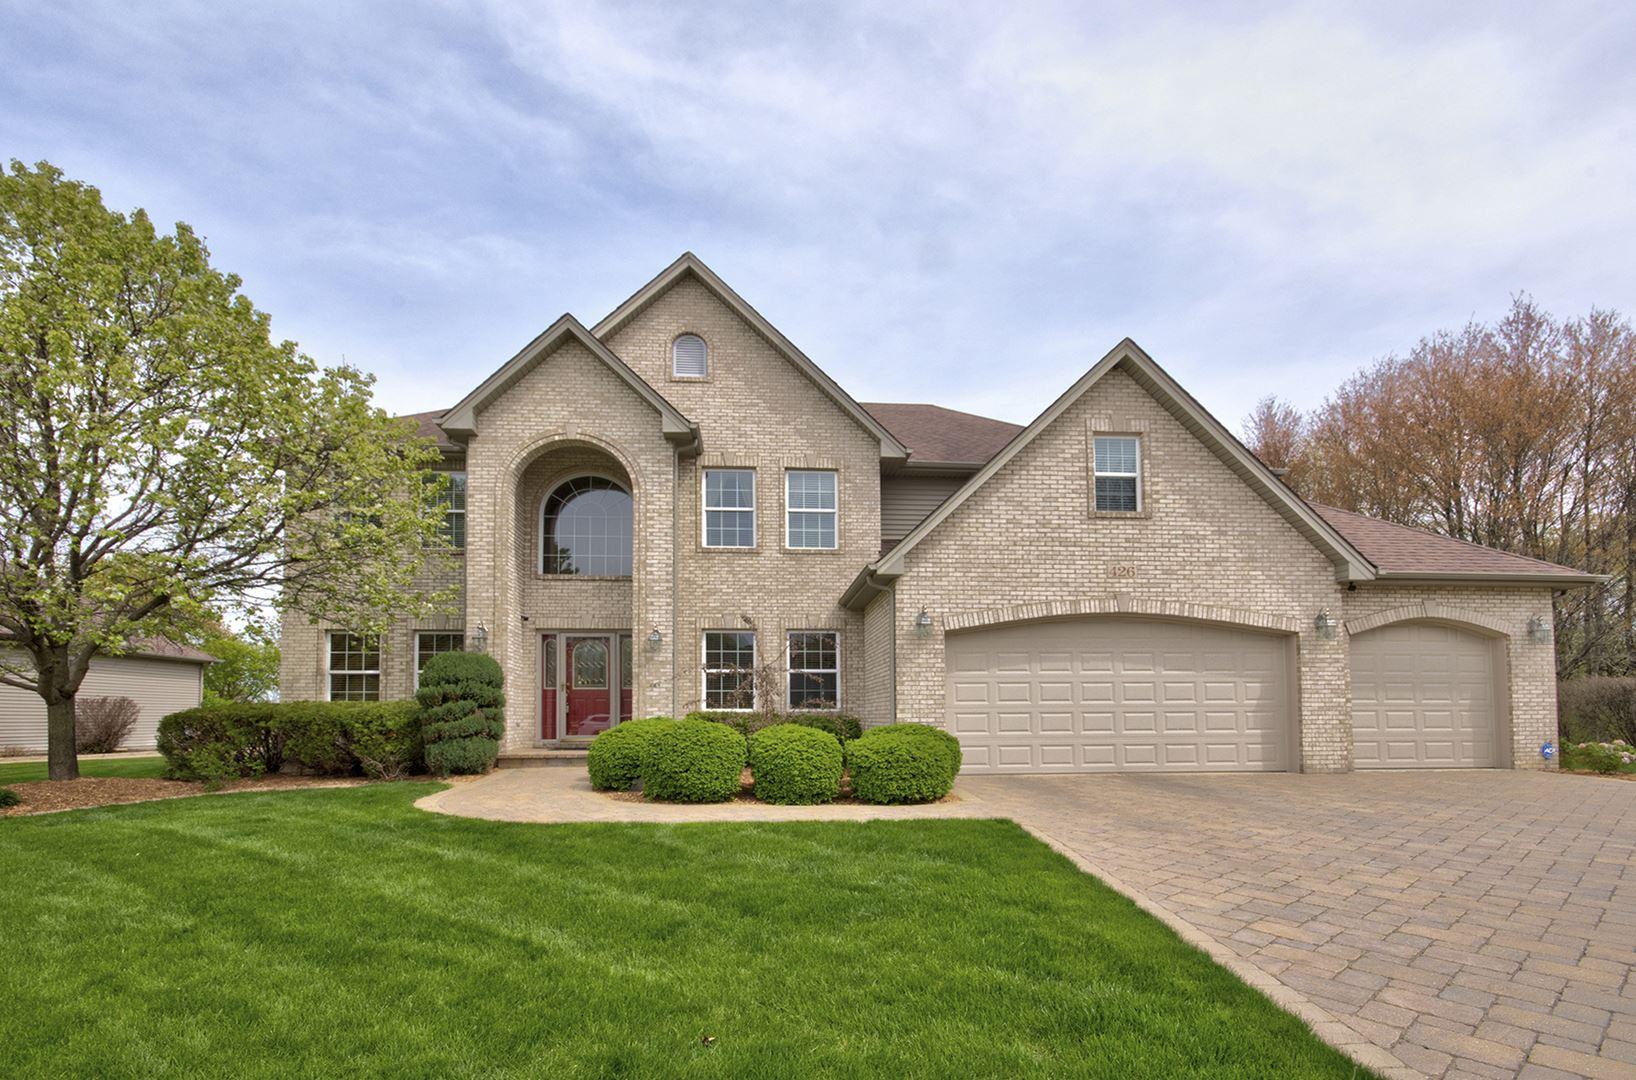 Photo of 426 Heatherwood Drive, Oswego, IL 60543 (MLS # 11066155)